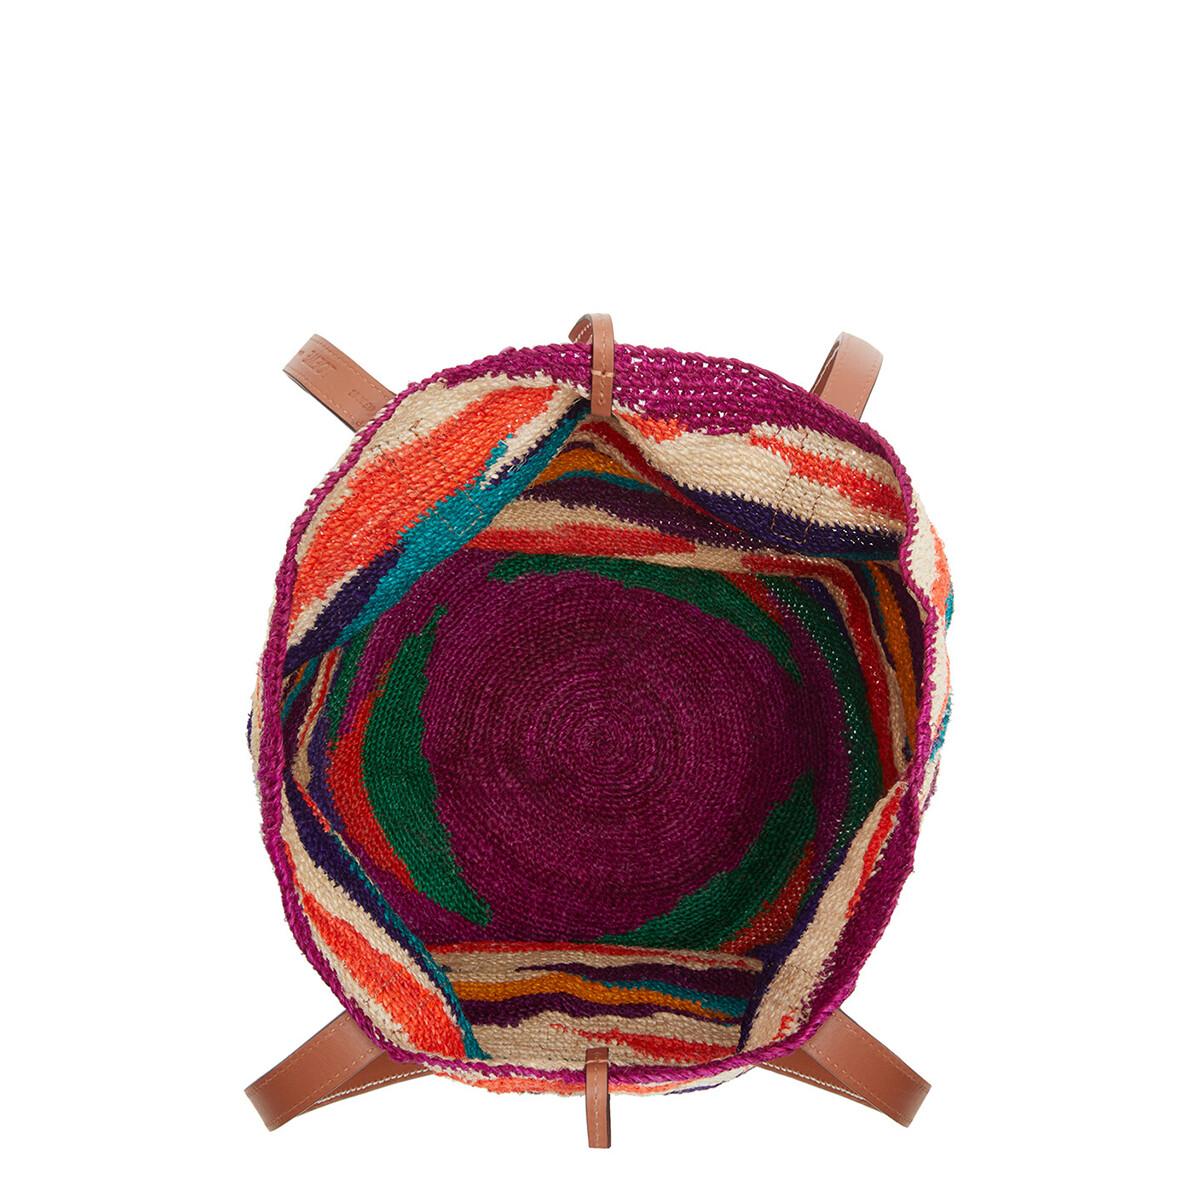 LOEWE Bolso Tipo Cesta Shigra En Agave Y Piel De Ternera Multicolor/Pecana front